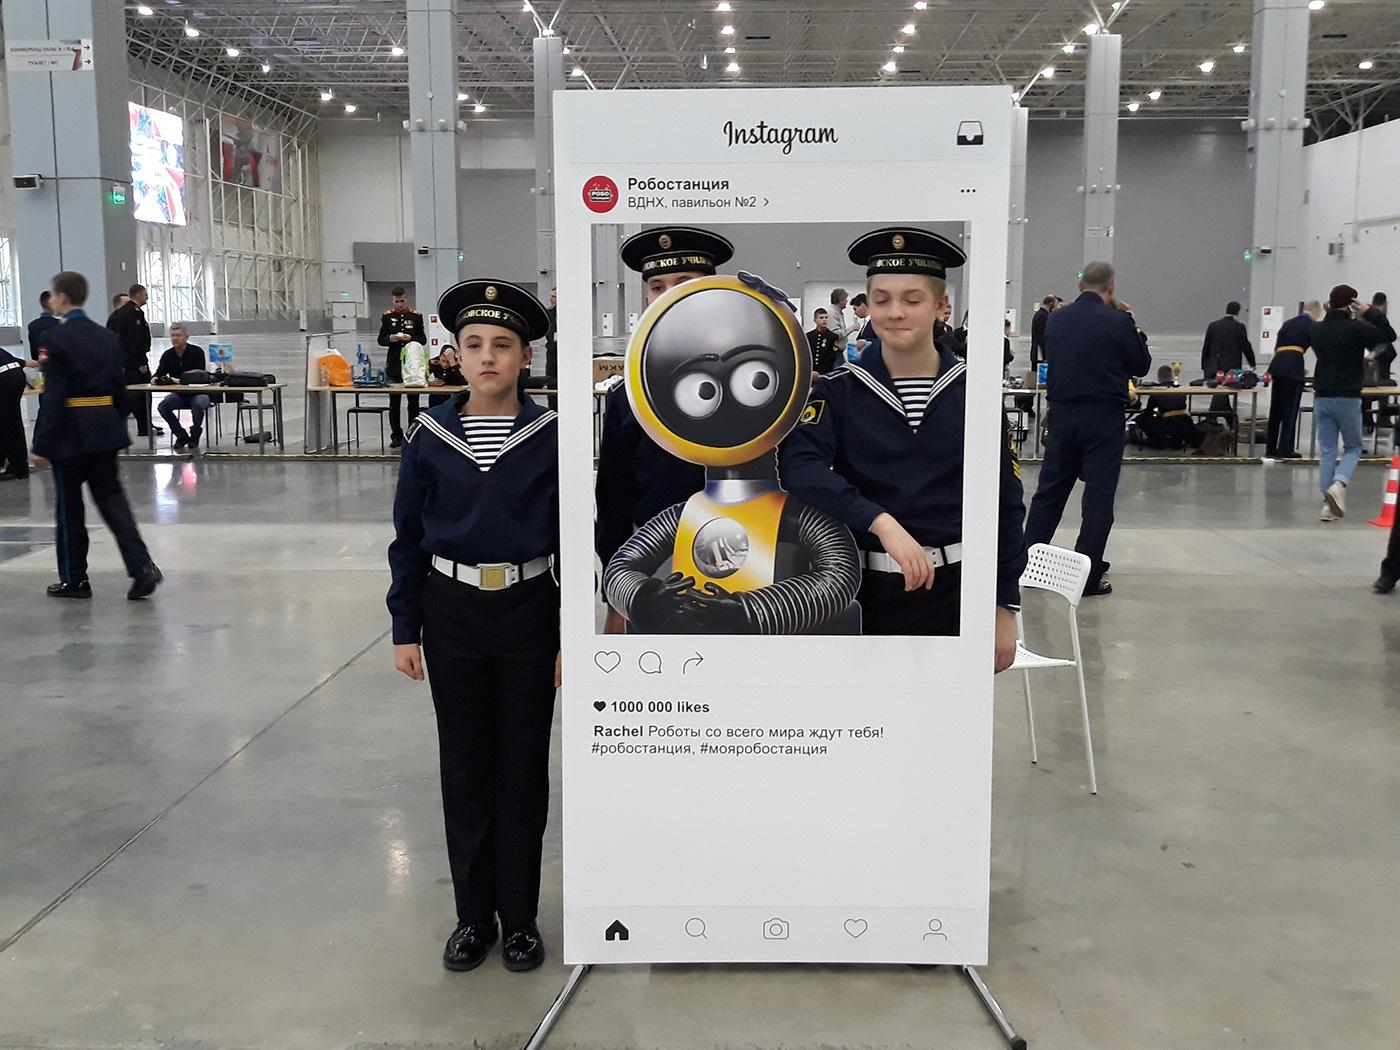 I-я молодежная научно-техническая конференция «Юный робототехник» в Конгрессно-выставочном центре «Патриот».